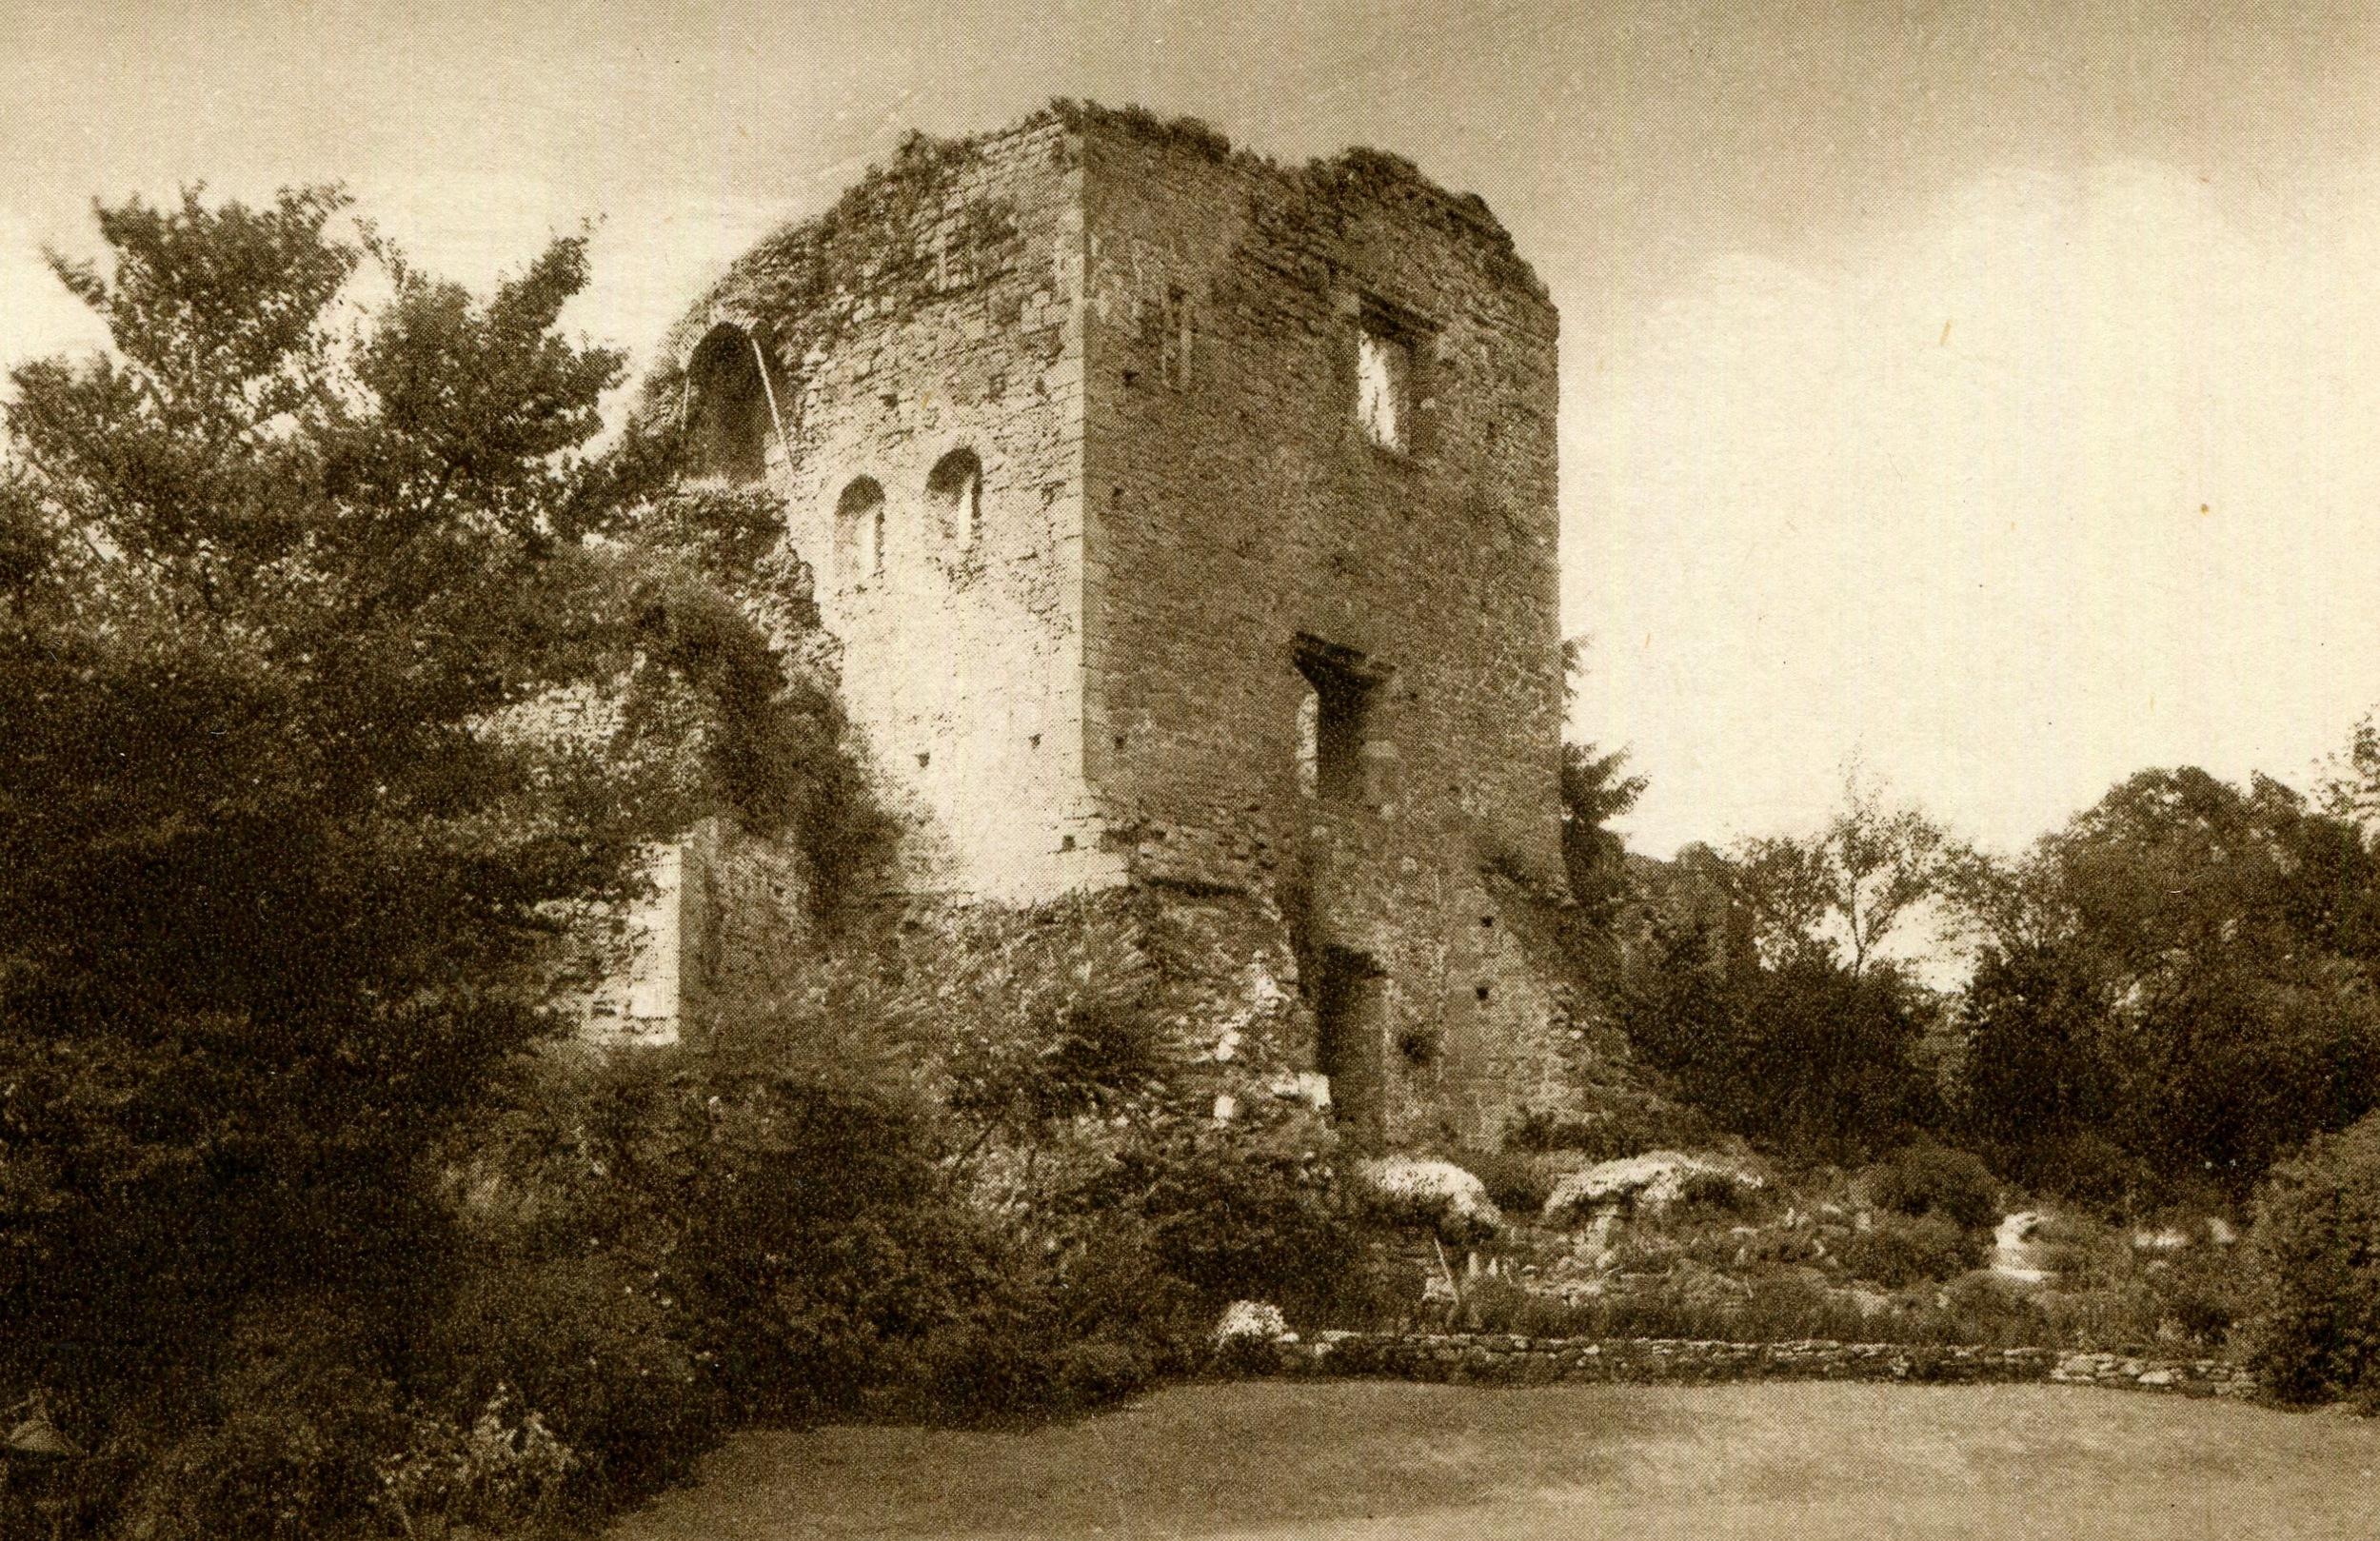 Usk Castle, Wales